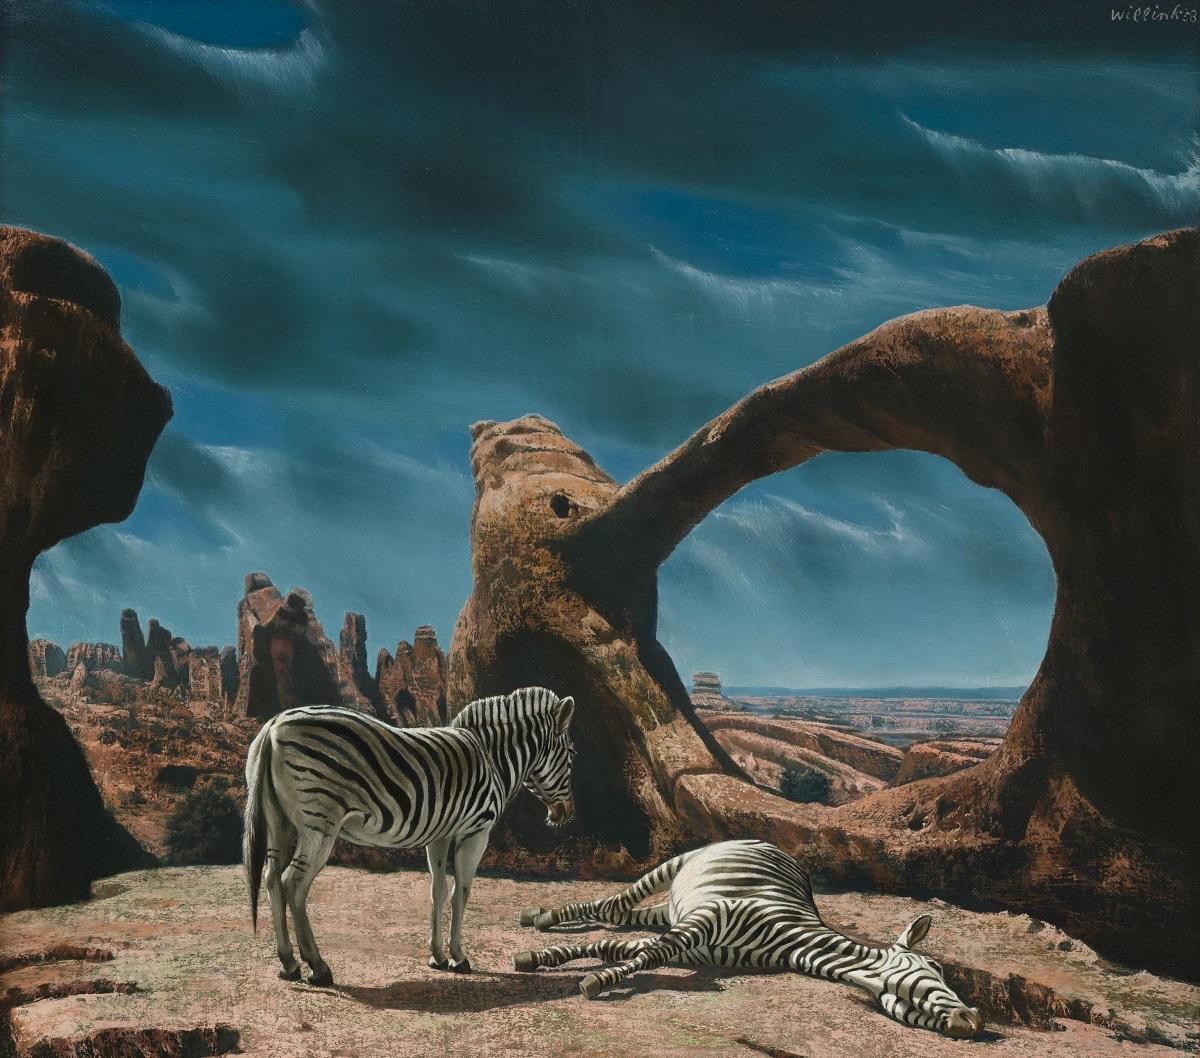 Carel Willink, Zebra's in rood rotslandschap, 1958, collectie Museum MORE-Kasteel Ruurlo ©Sylvia Willink-Pictoright